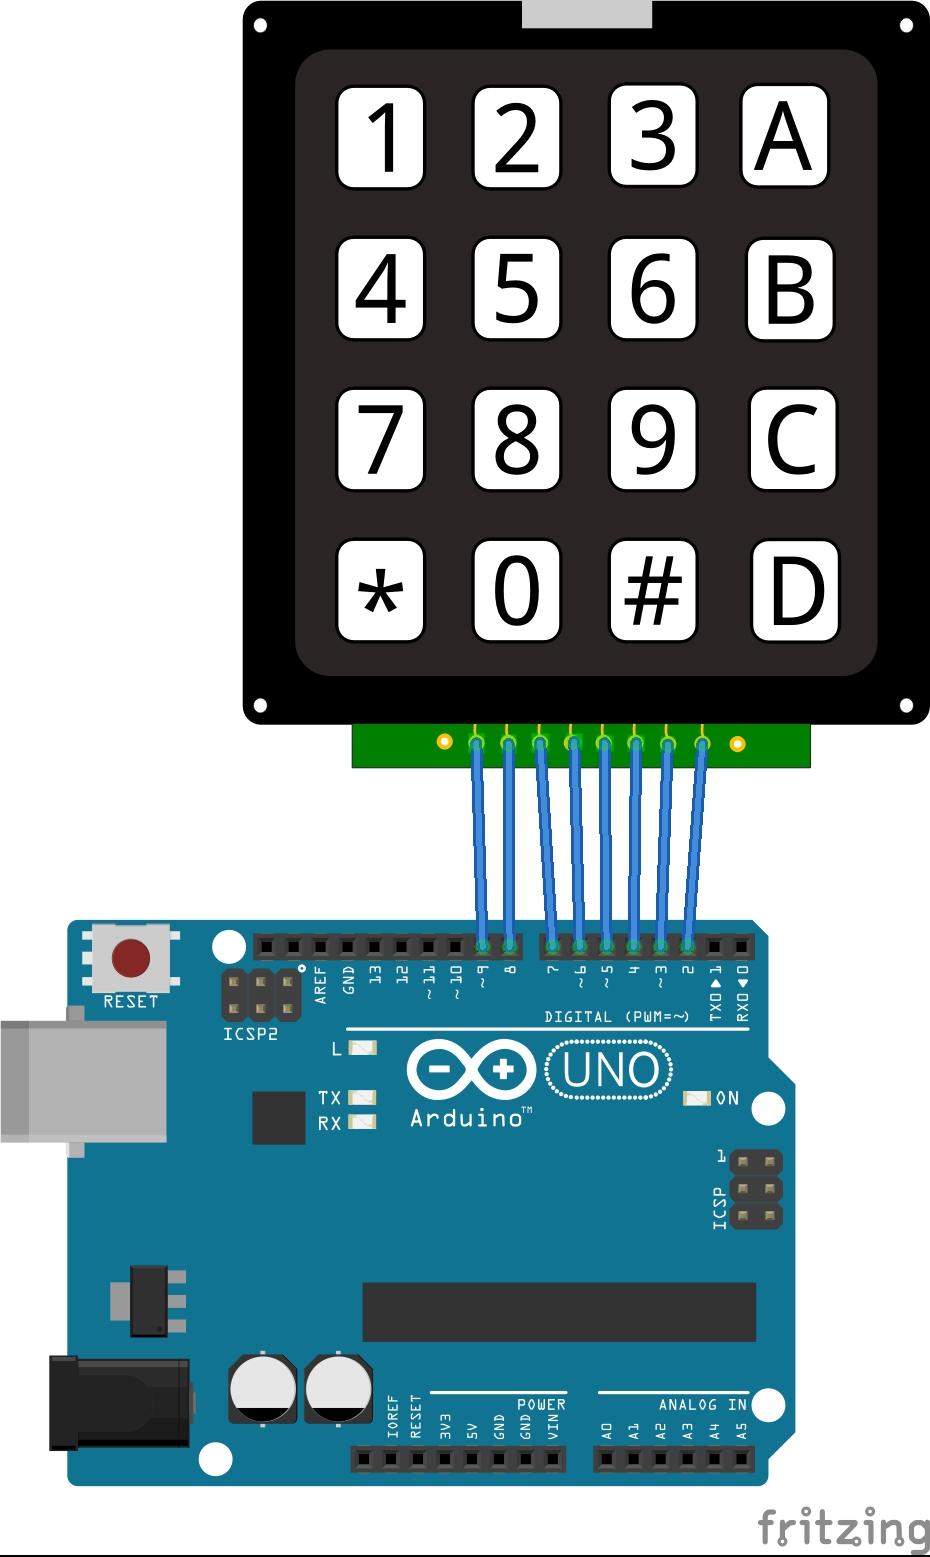 Arduino tuş takımı uygulaması elektrik elektronik